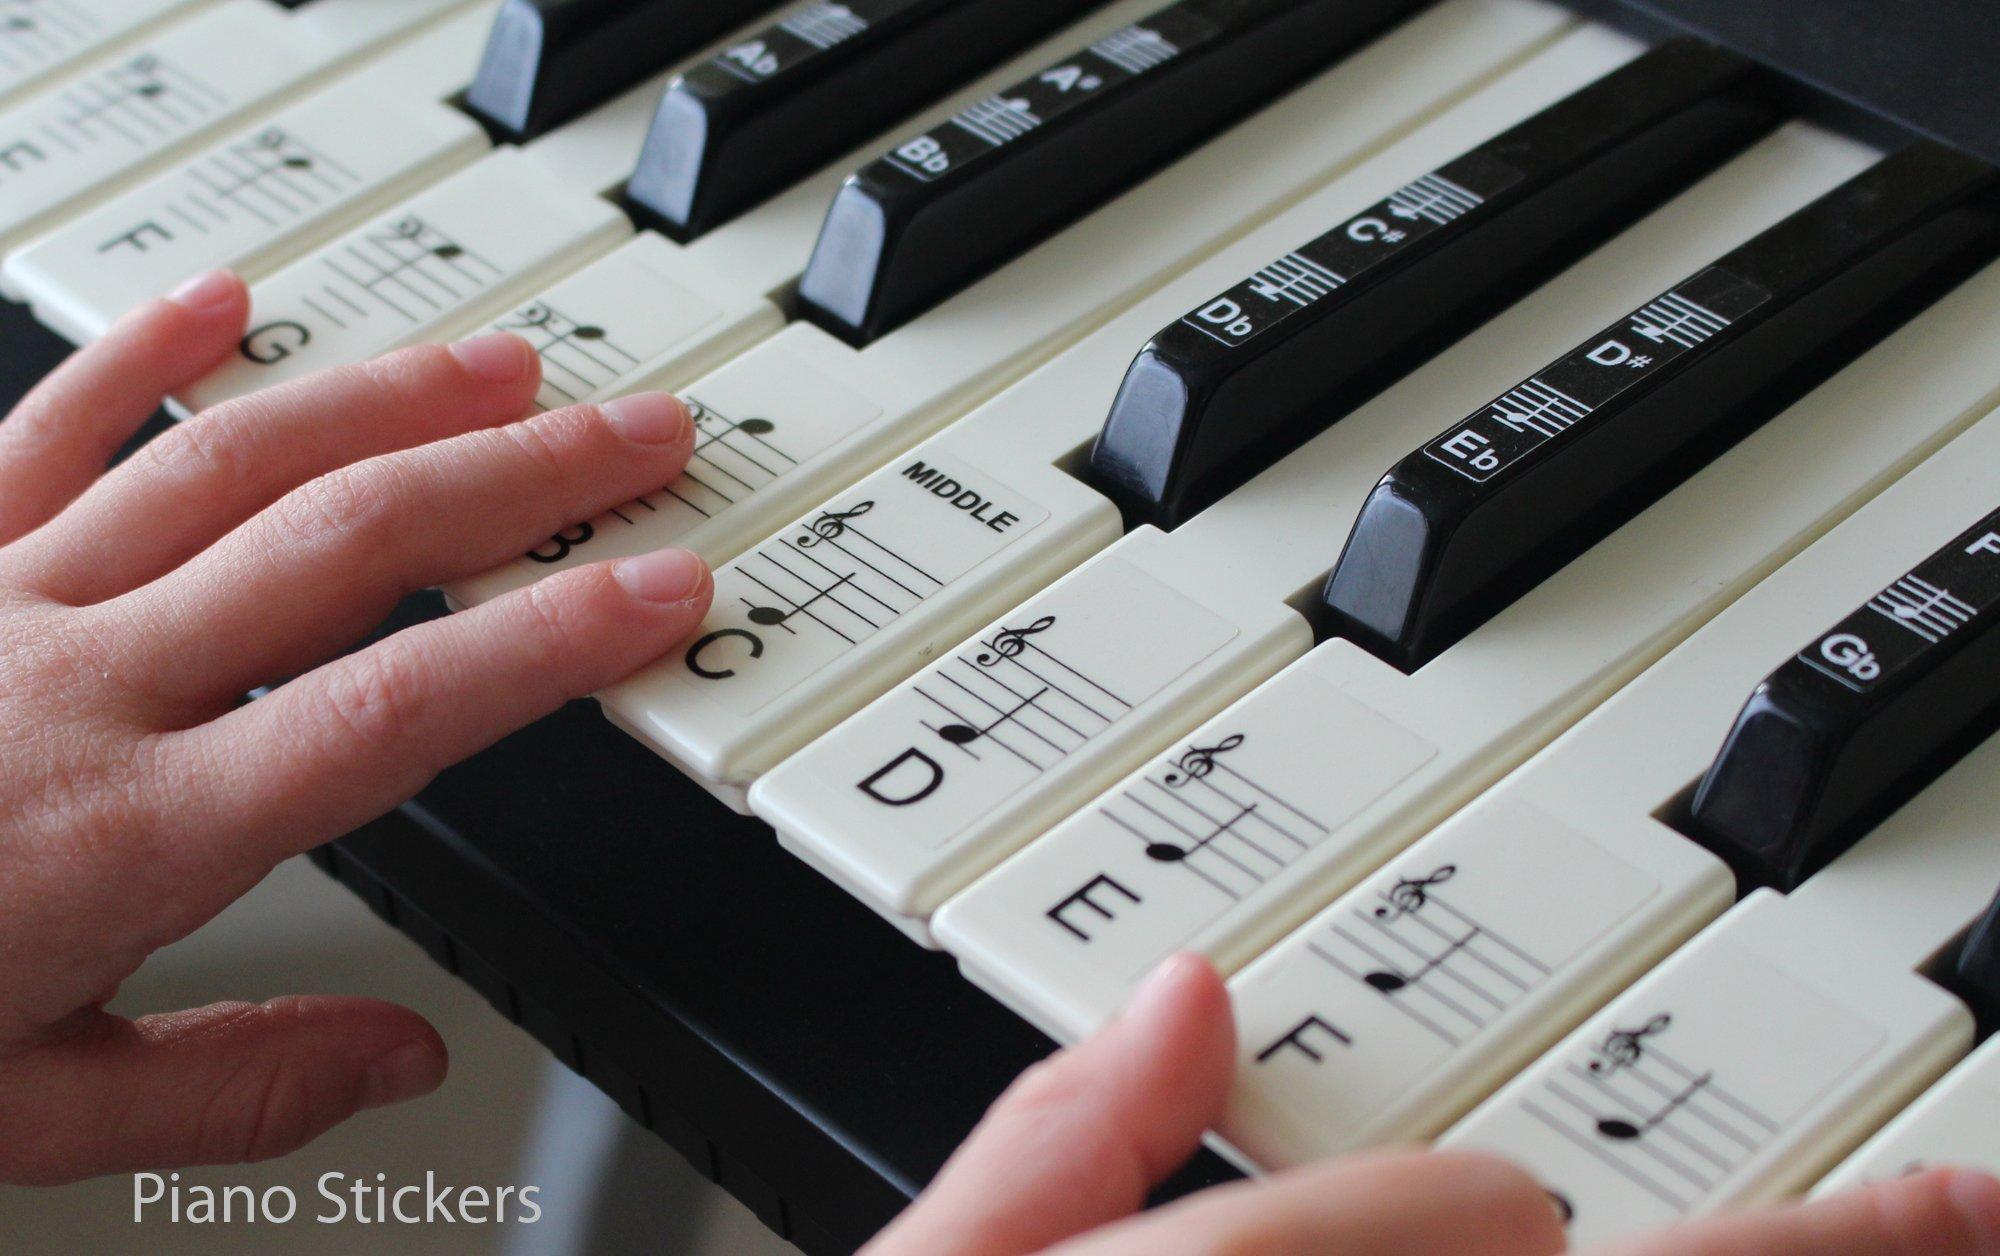 Juego de pegatinas para las teclas del piano o el teclado, hasta 61teclas